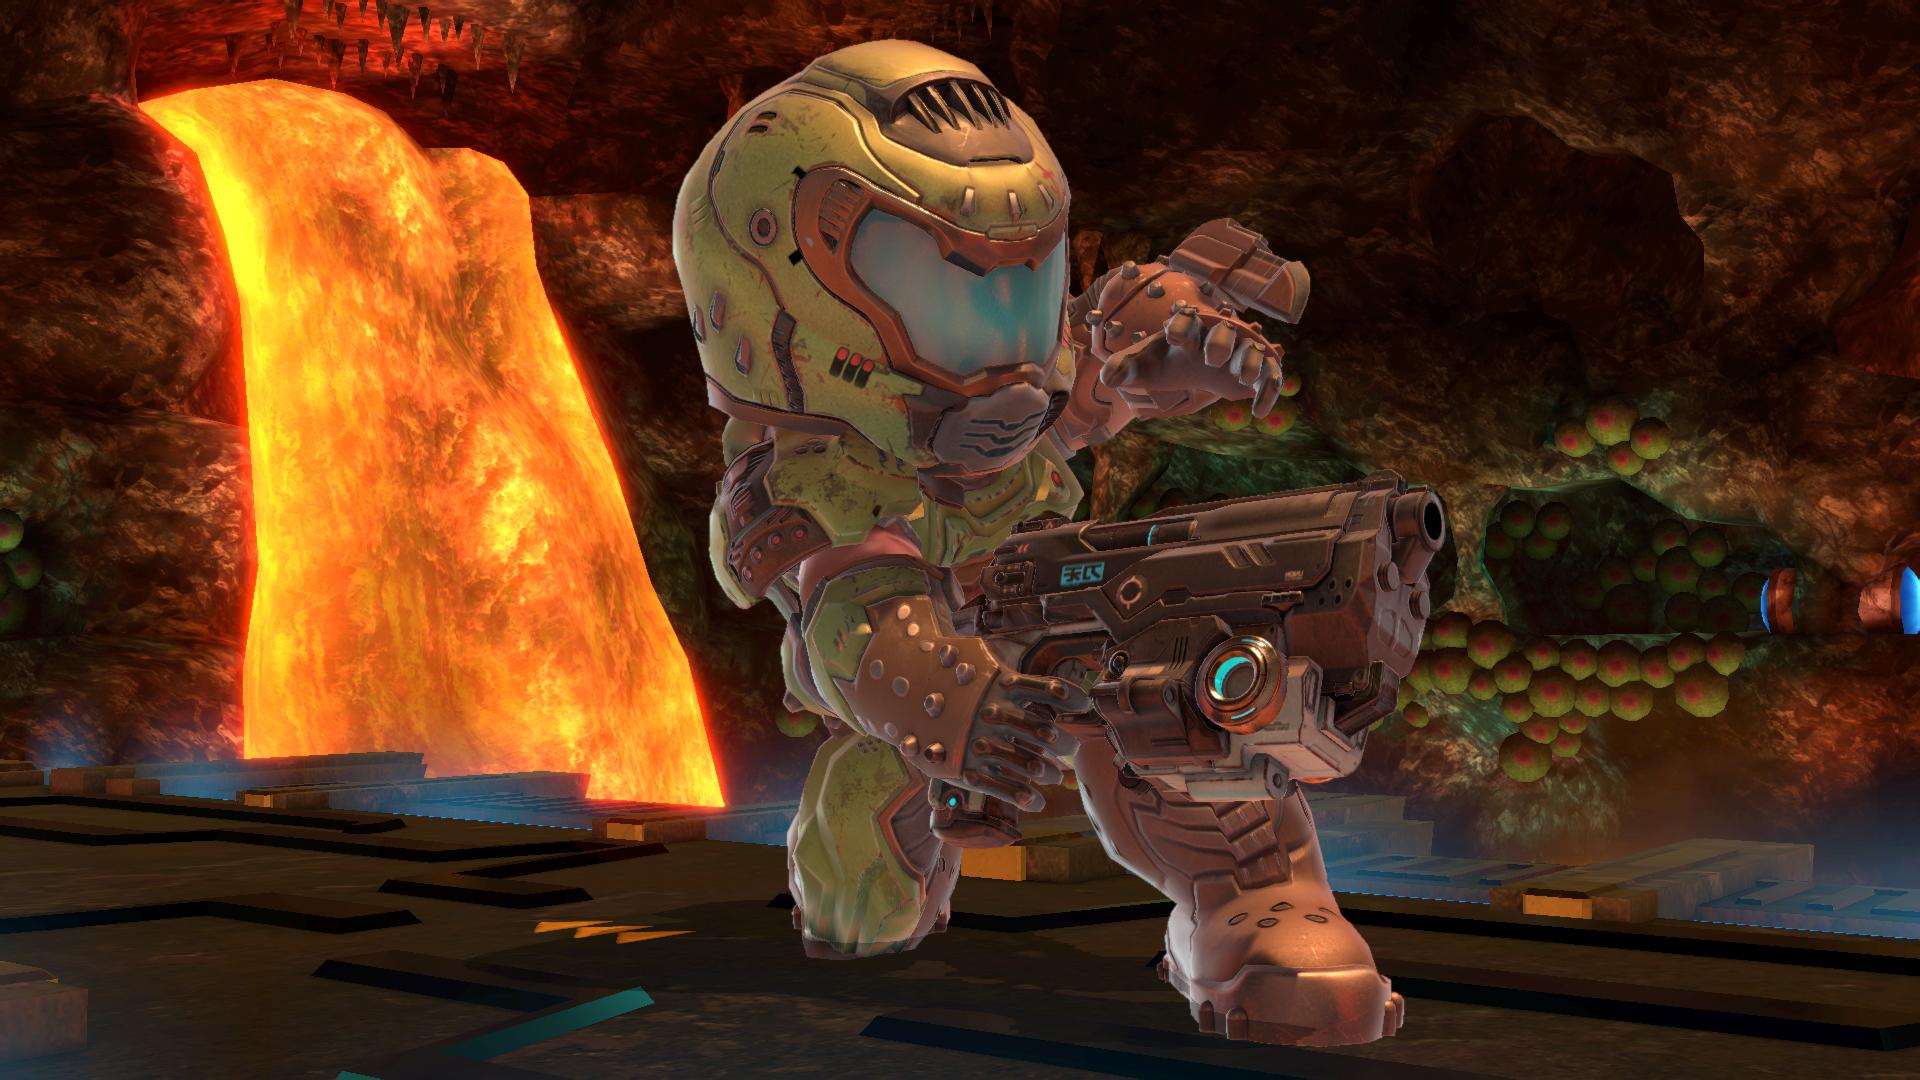 Doom Slayer Mii Fighter in Super Smash Bros. Ultimate